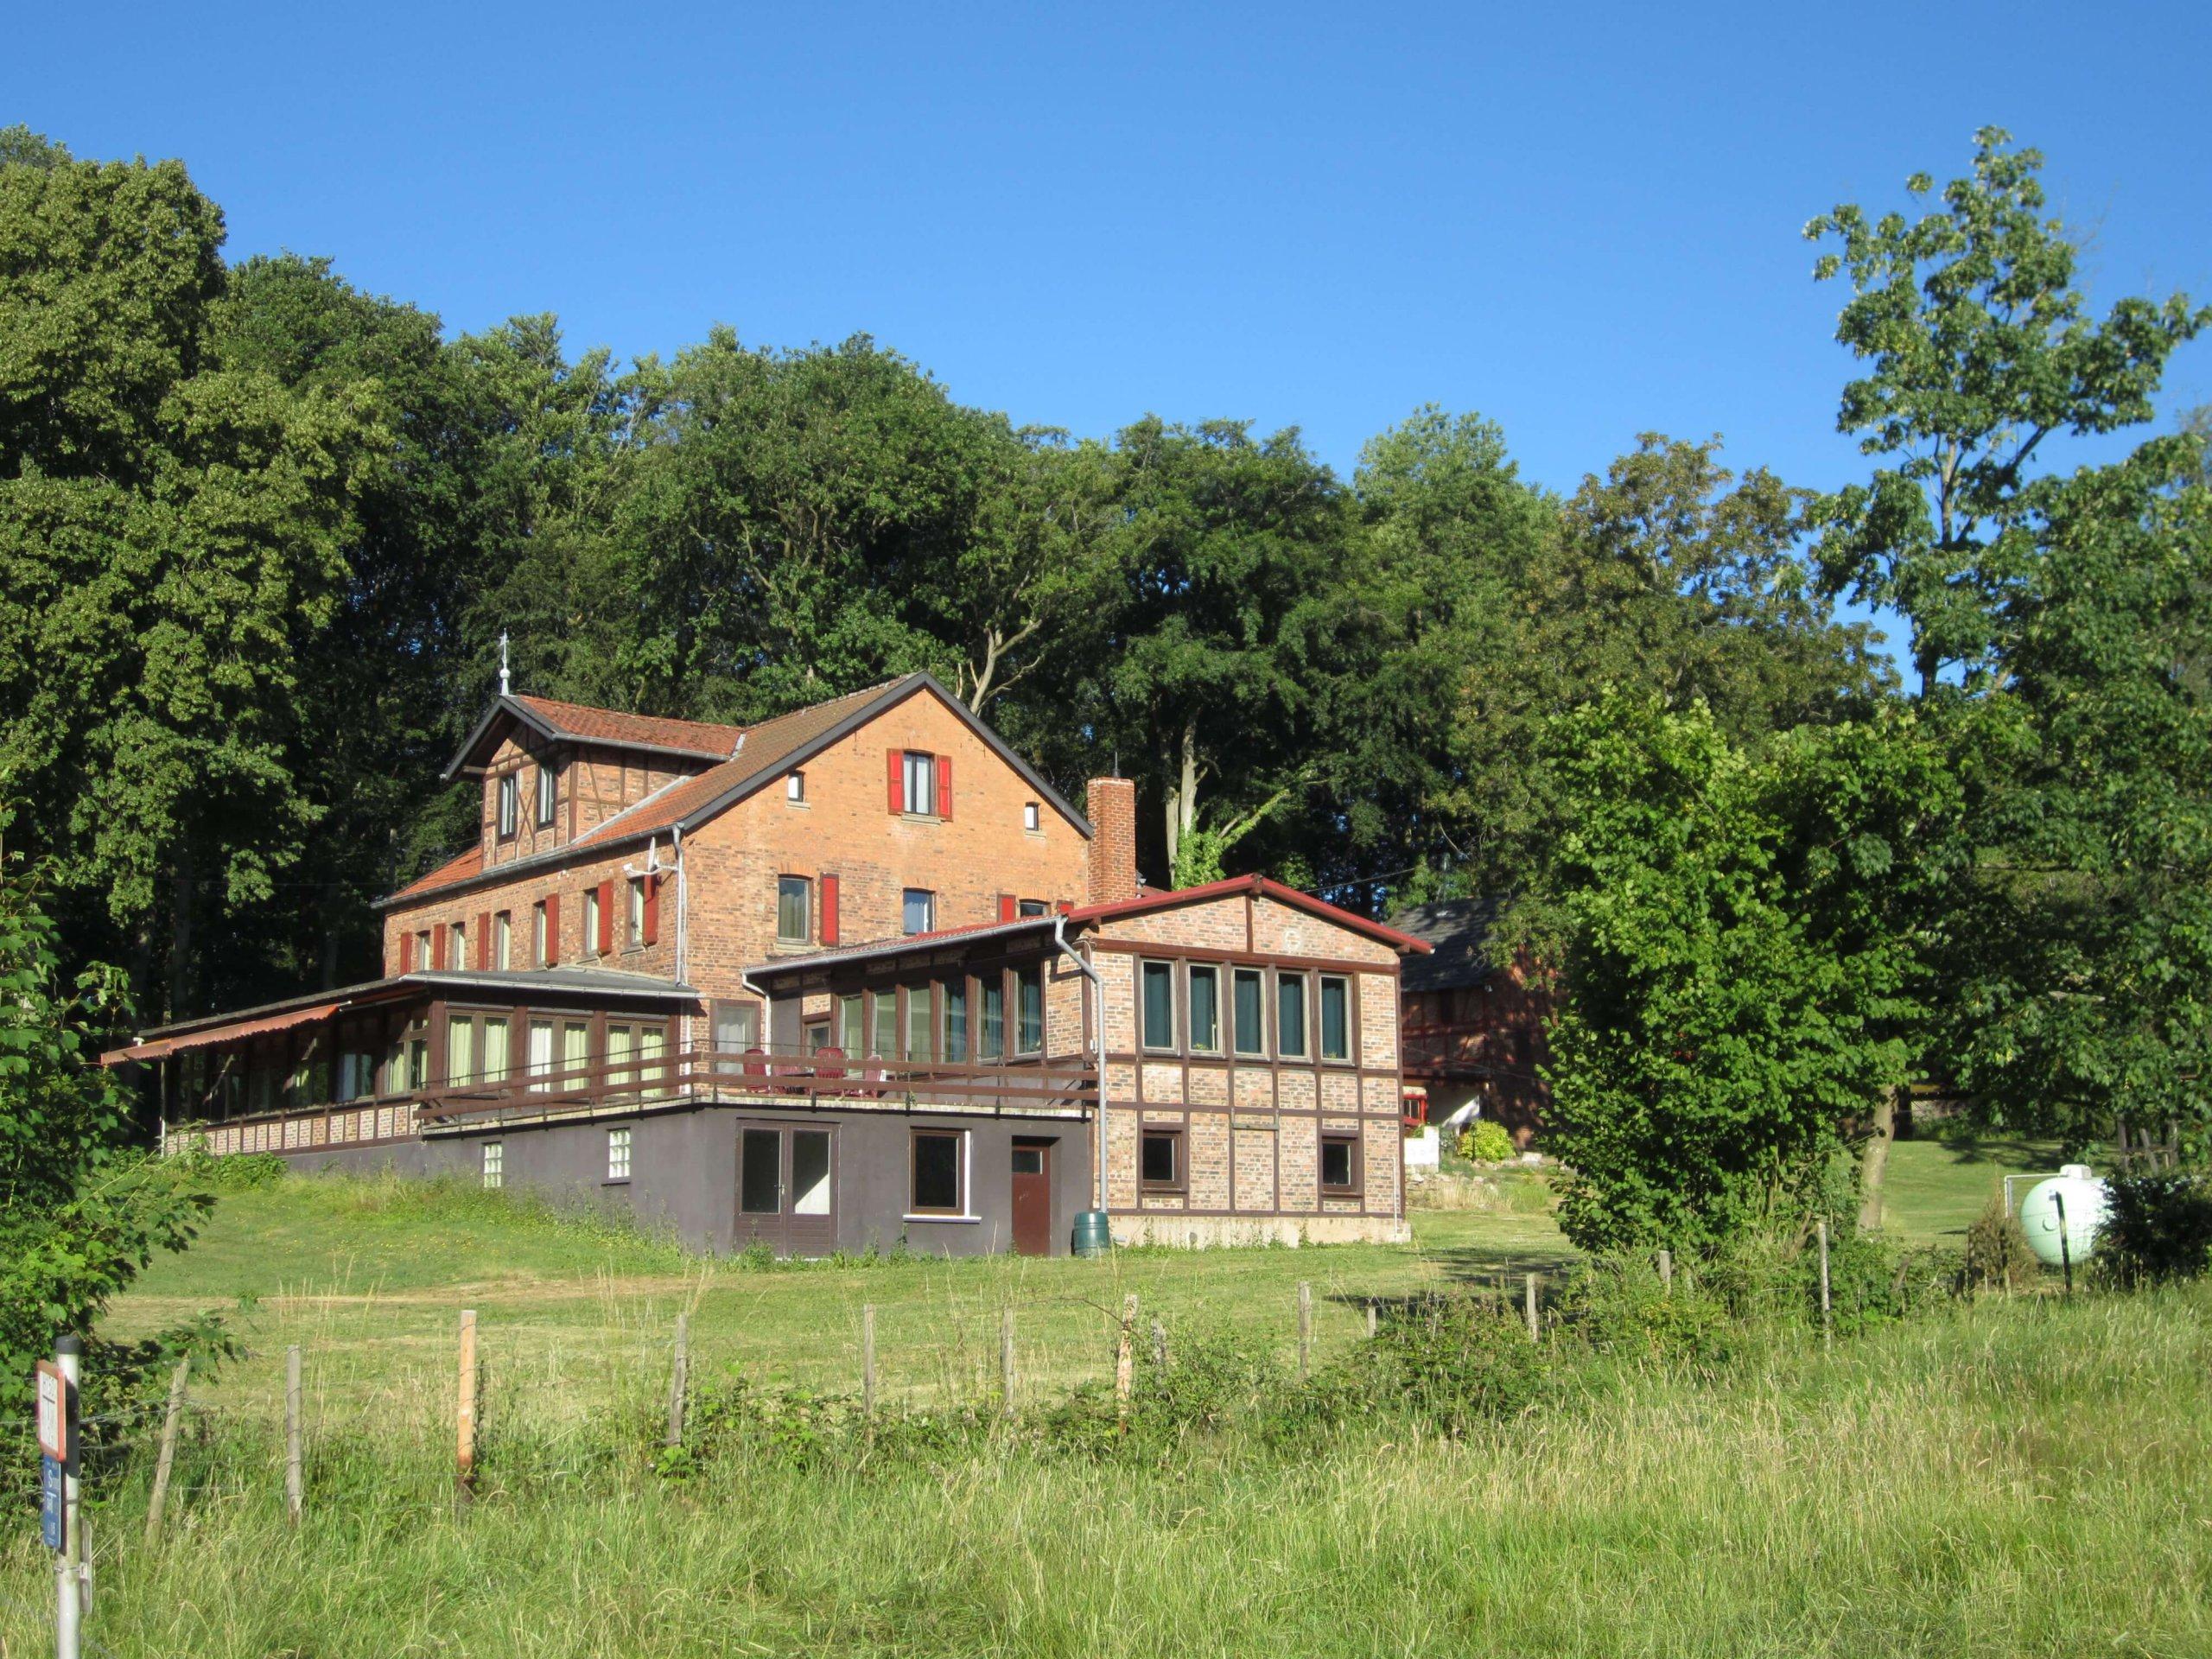 Een zicht van het huis vanaf de weg